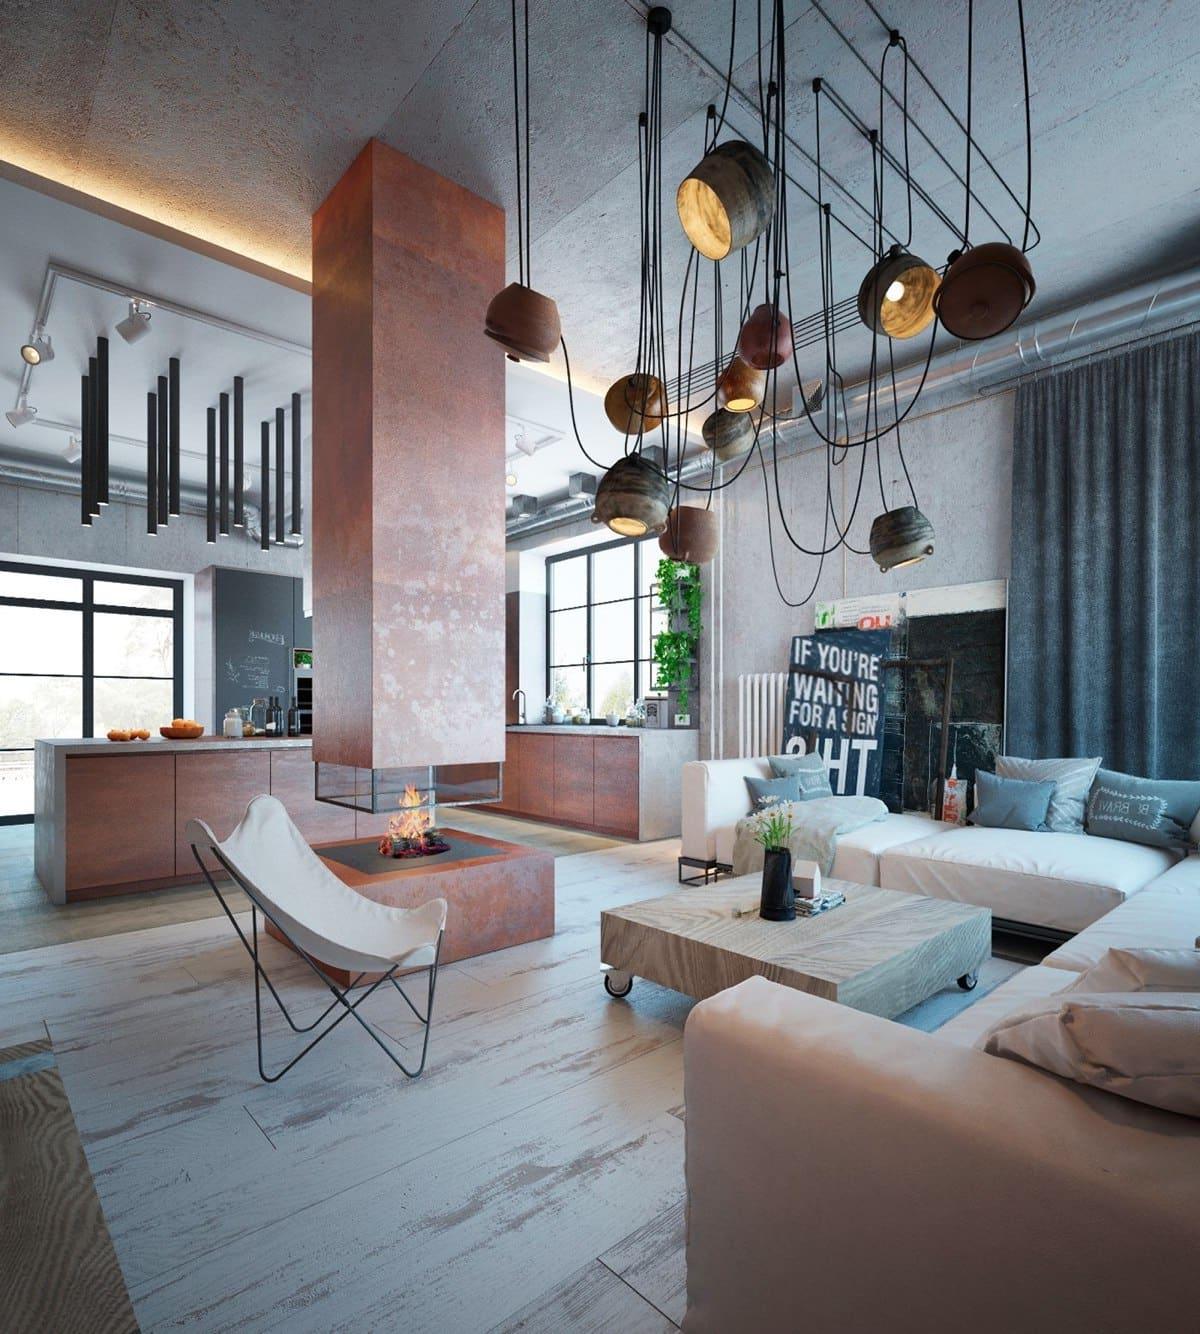 Отличный пример удачного интерьера в котором камин и мебель органично дополняют друг друга